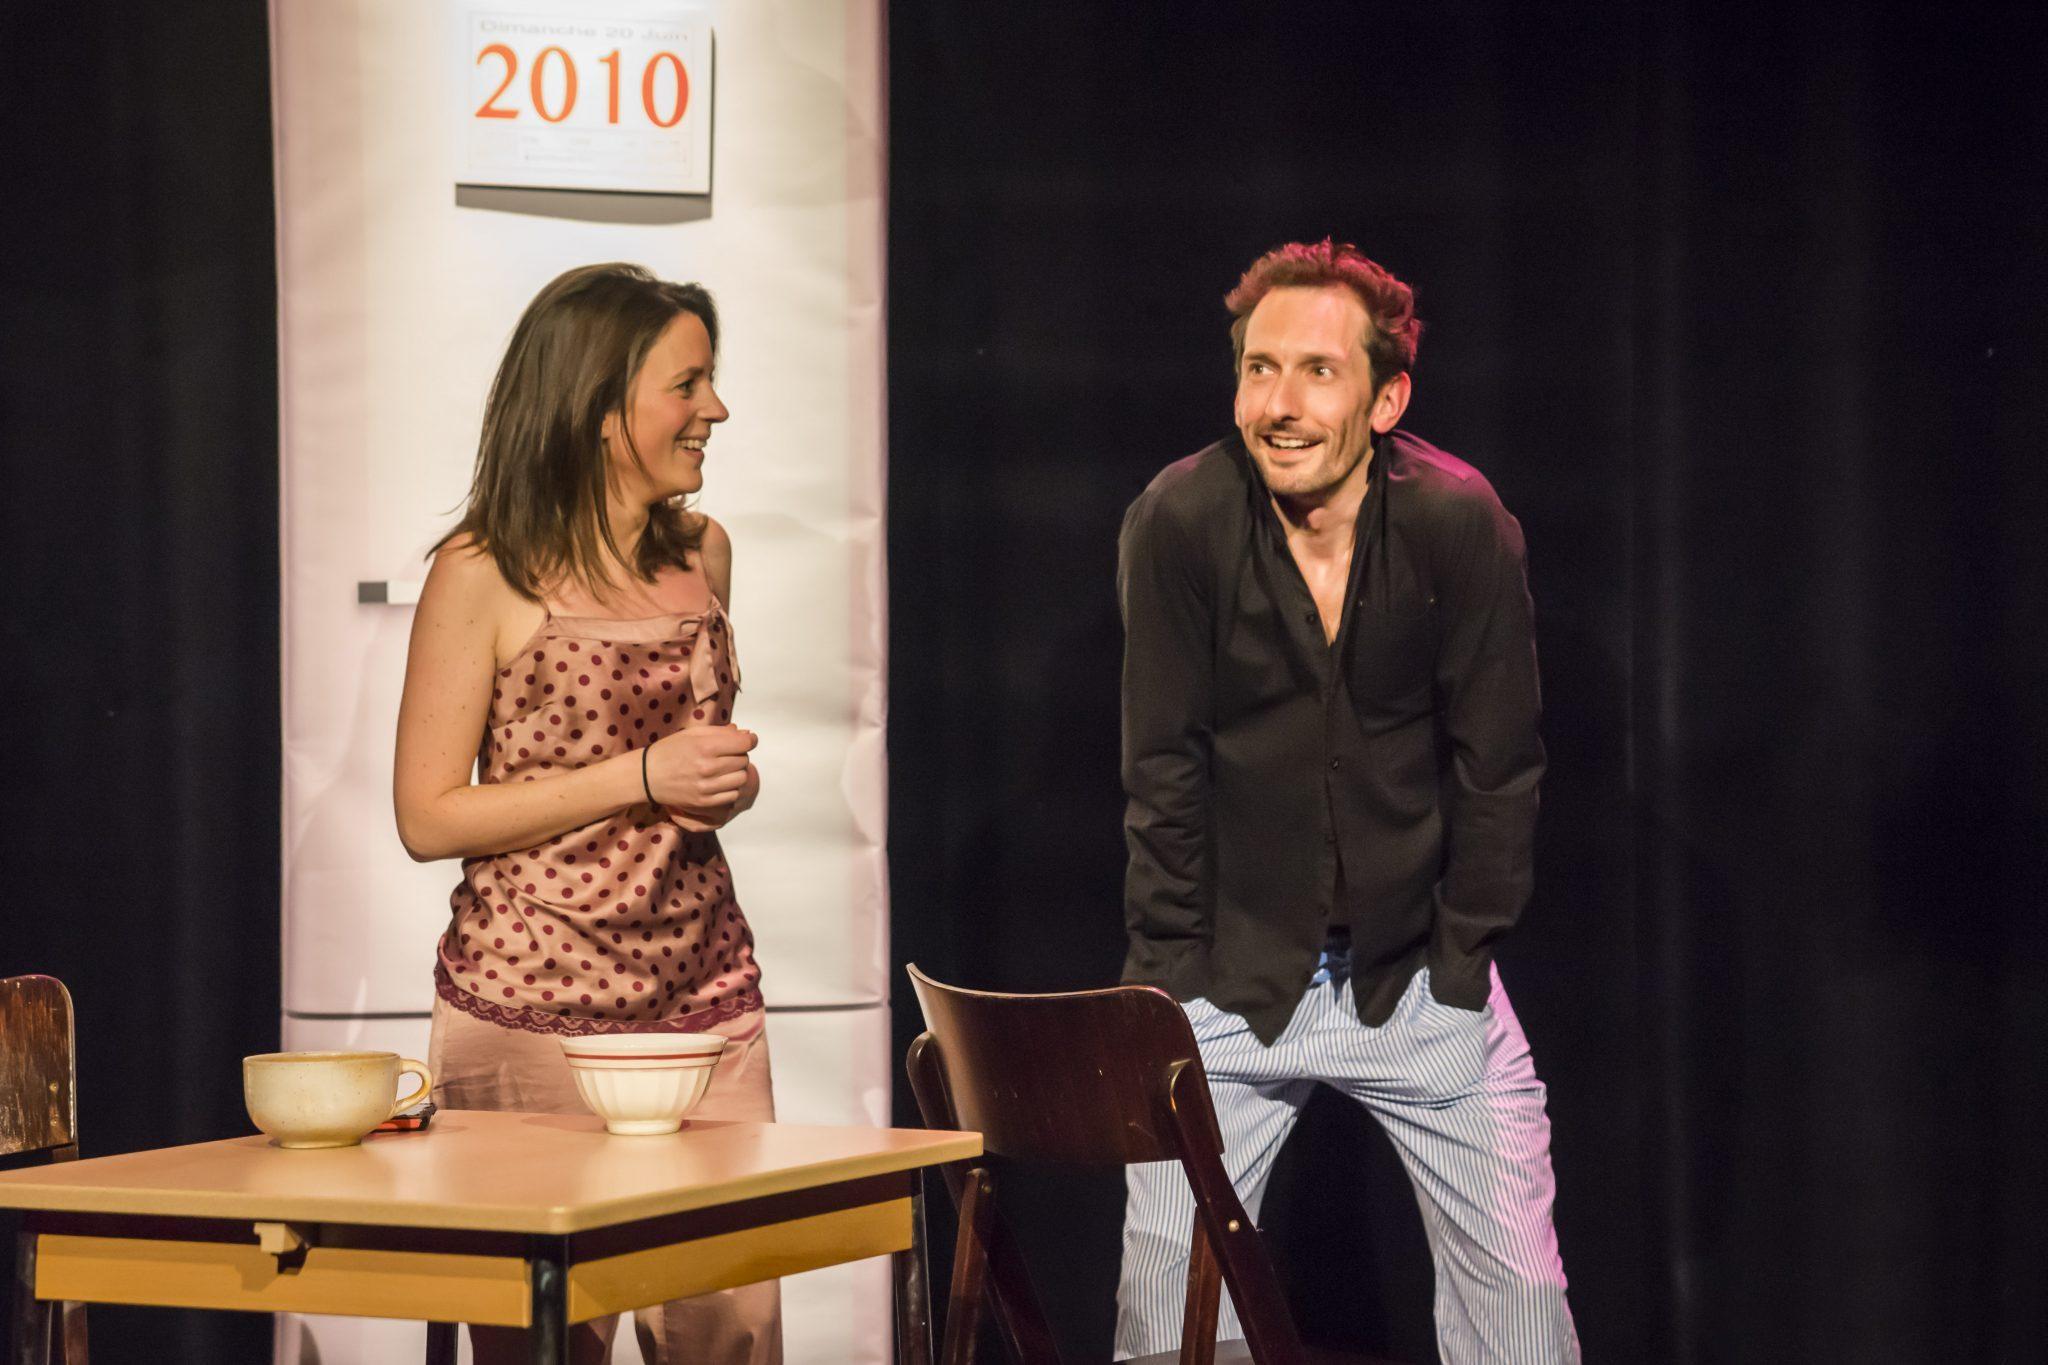 Les Fêlés _Cloé Horry et Serge Bonafous 1